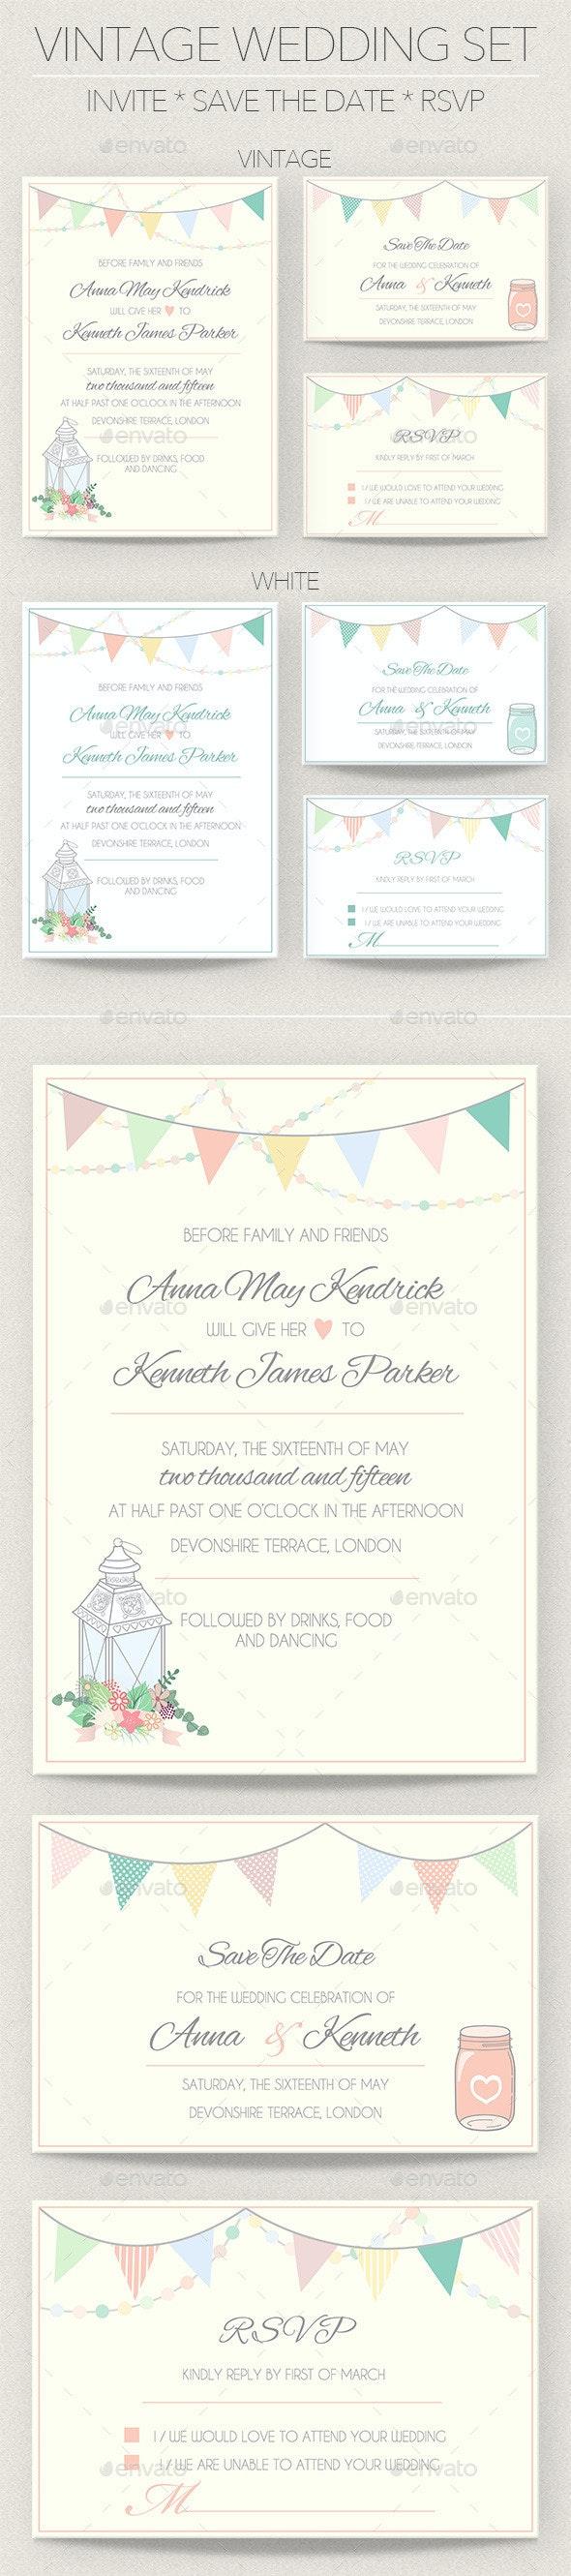 Vintage Wedding Invitation Set - Weddings Cards & Invites